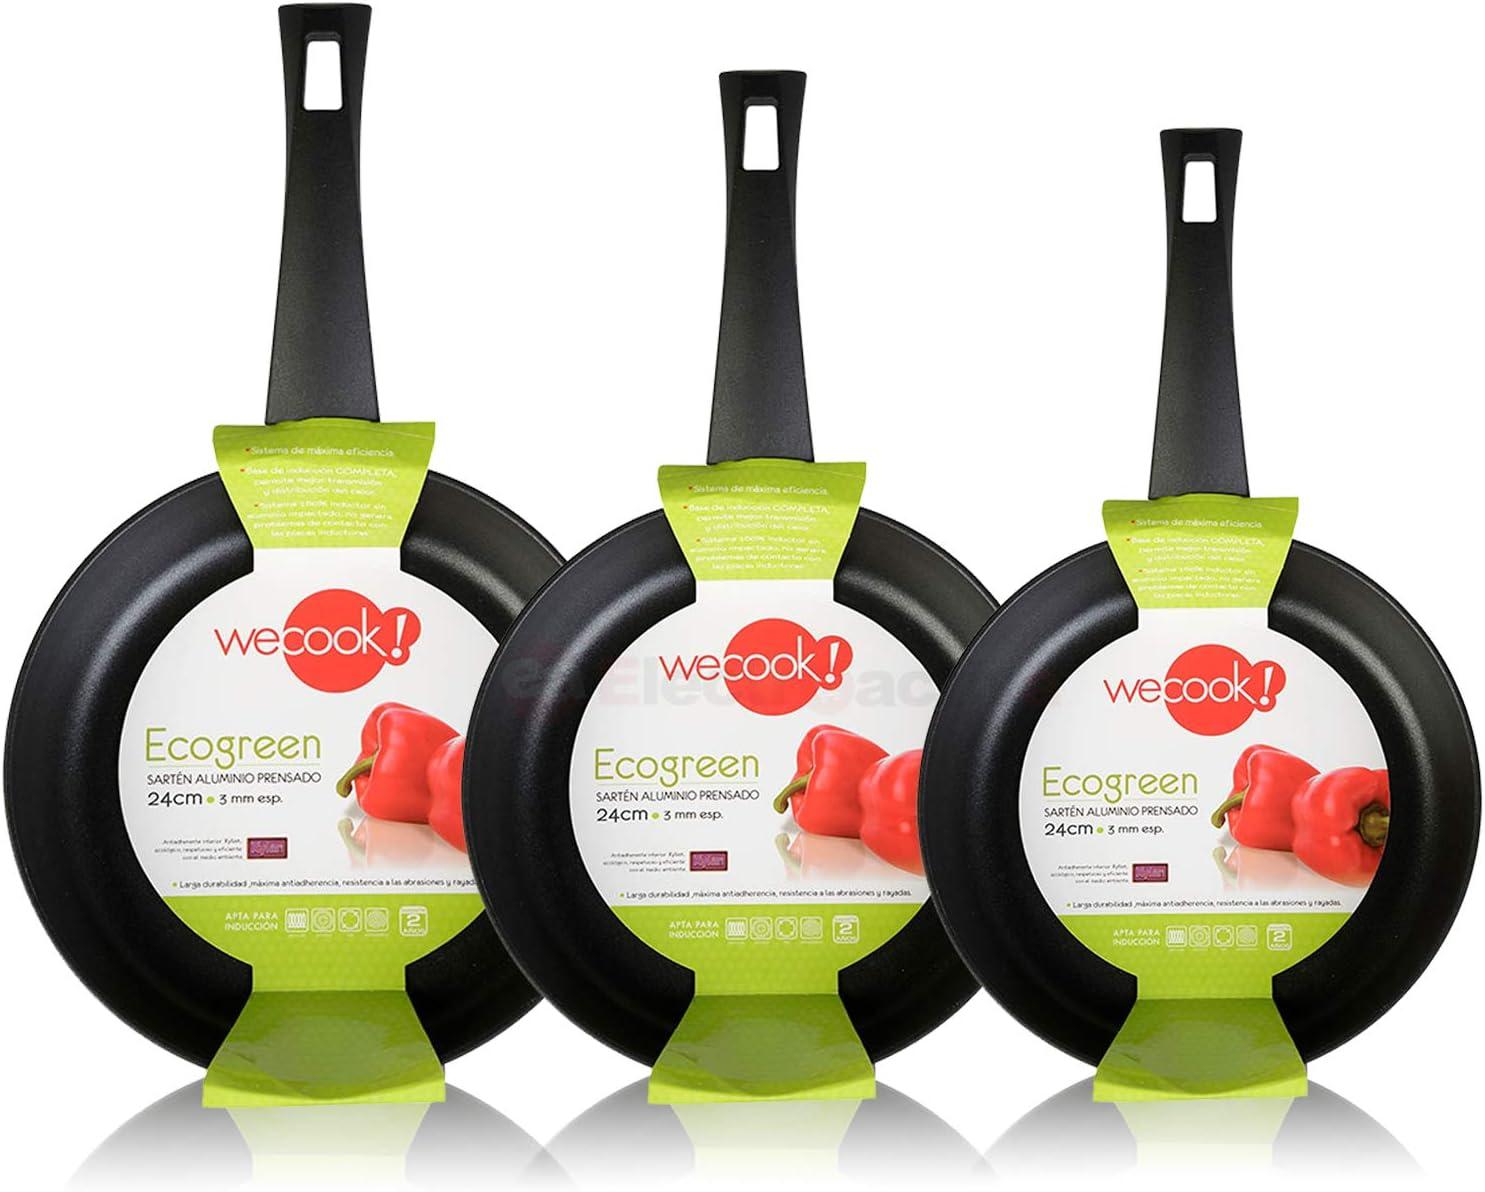 WECOOK Ecogreen Set Juego 3 Sartenes 18-20-24 cm Aluminio, inducción, Antiadherente ecológico sin PFOA, Limpieza lavavajillas Apta para Todas Las cocinas, vitroceramica, Gas